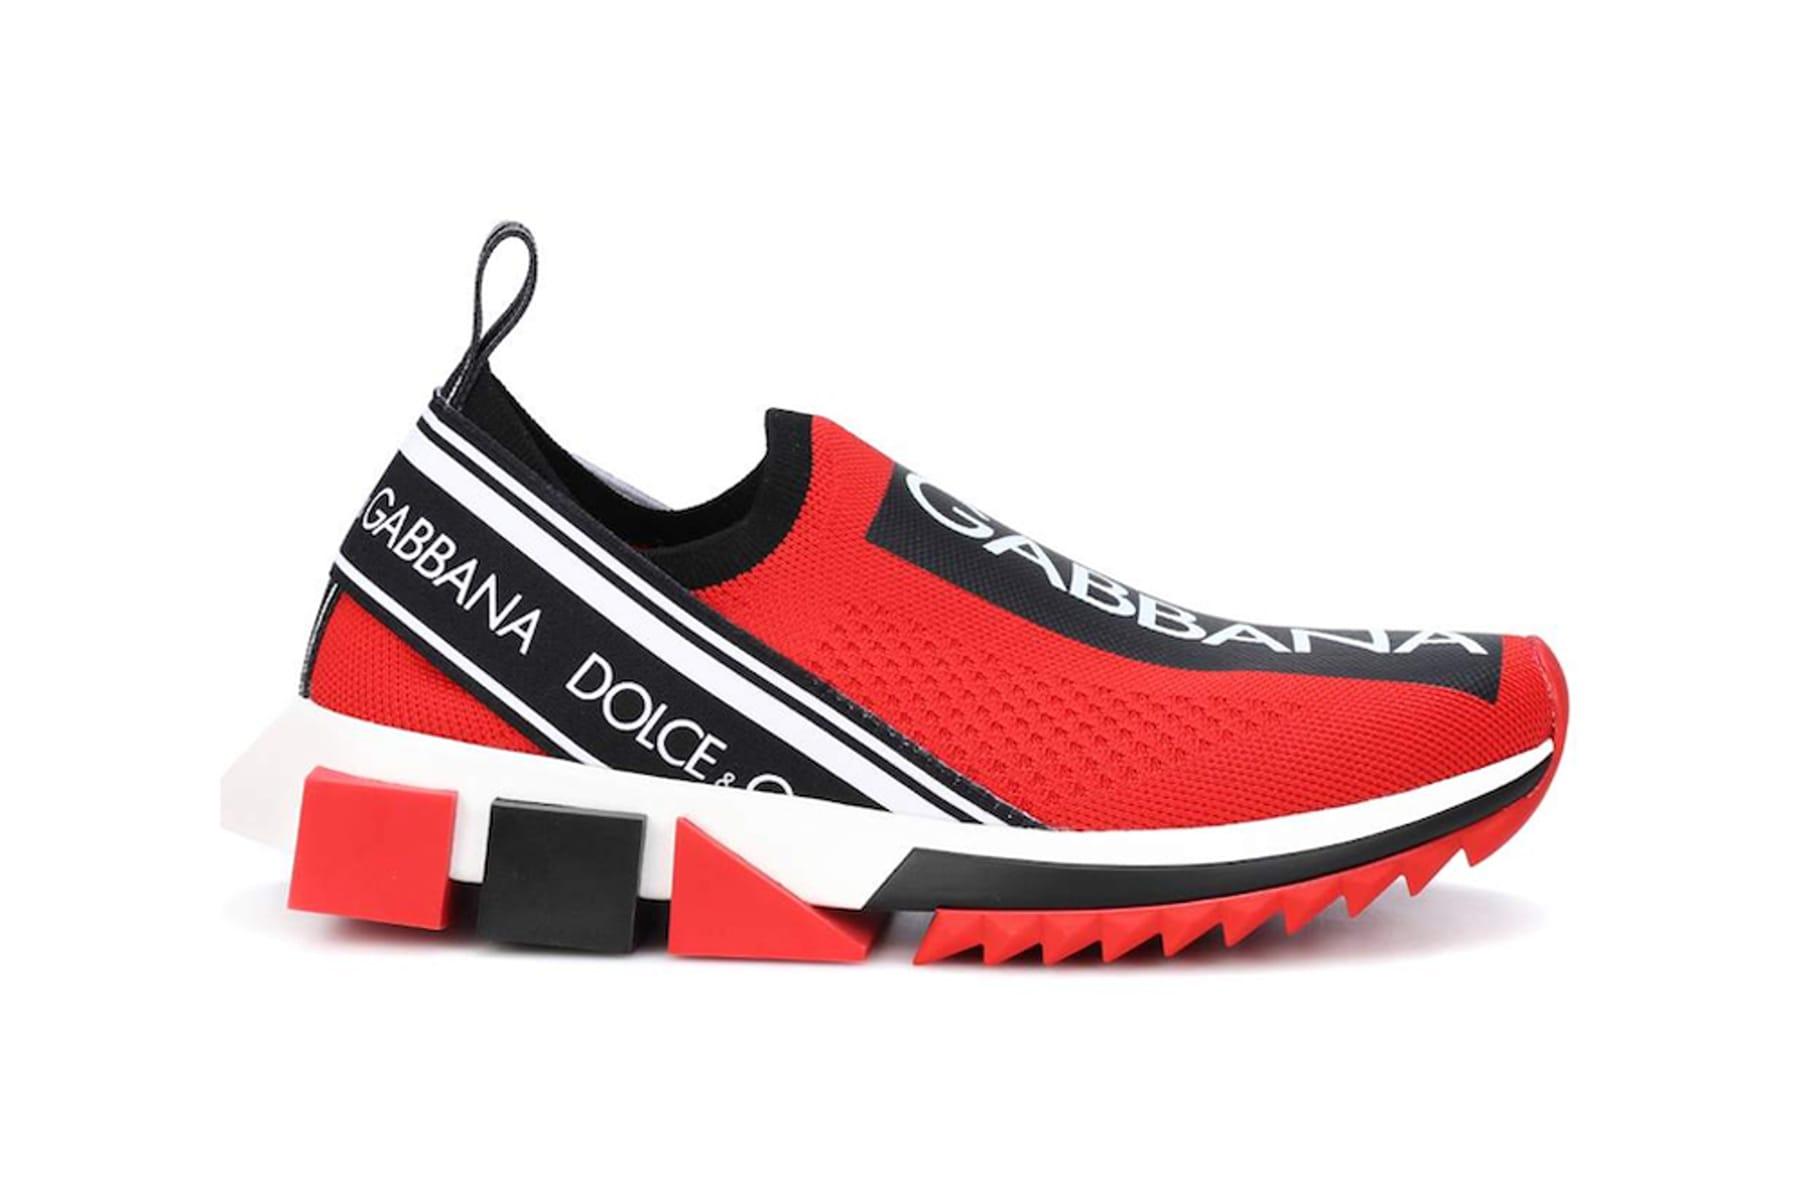 Dolce \u0026 Gabbana Sorrento Sneaker in Red